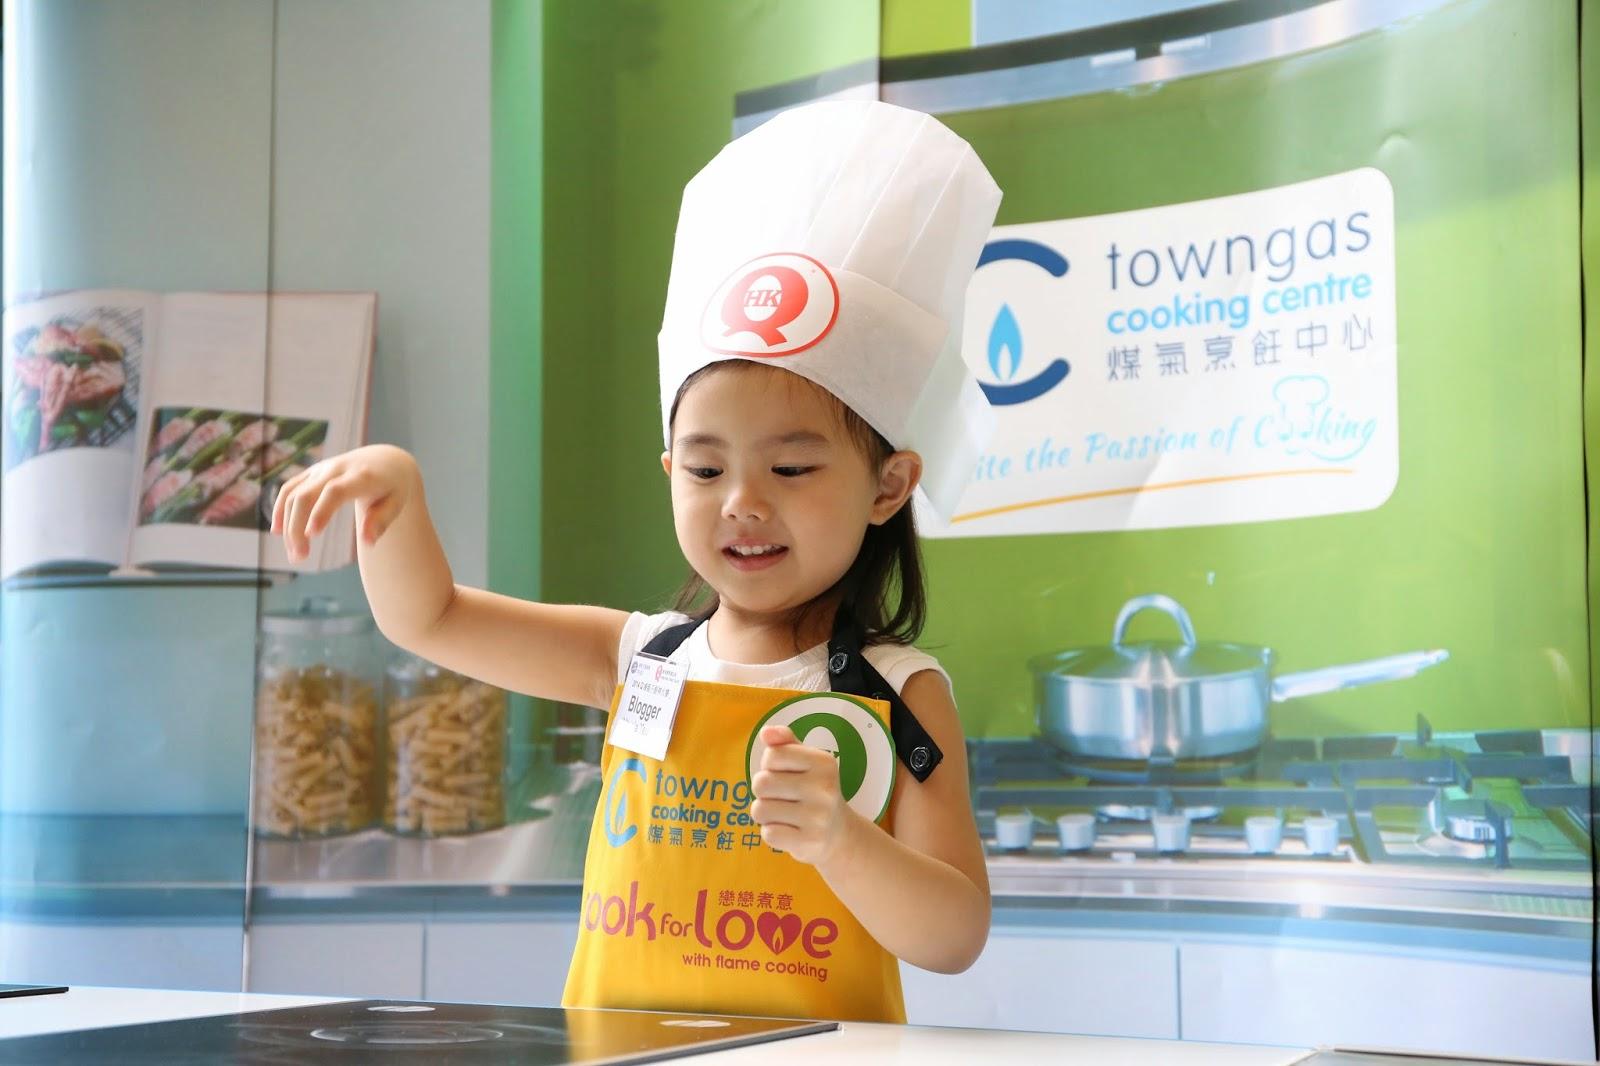 「寶寶湊寶寶」: 「2014 Q嘜親子廚神大賽」~「Q嘜親子甜品烹飪班」